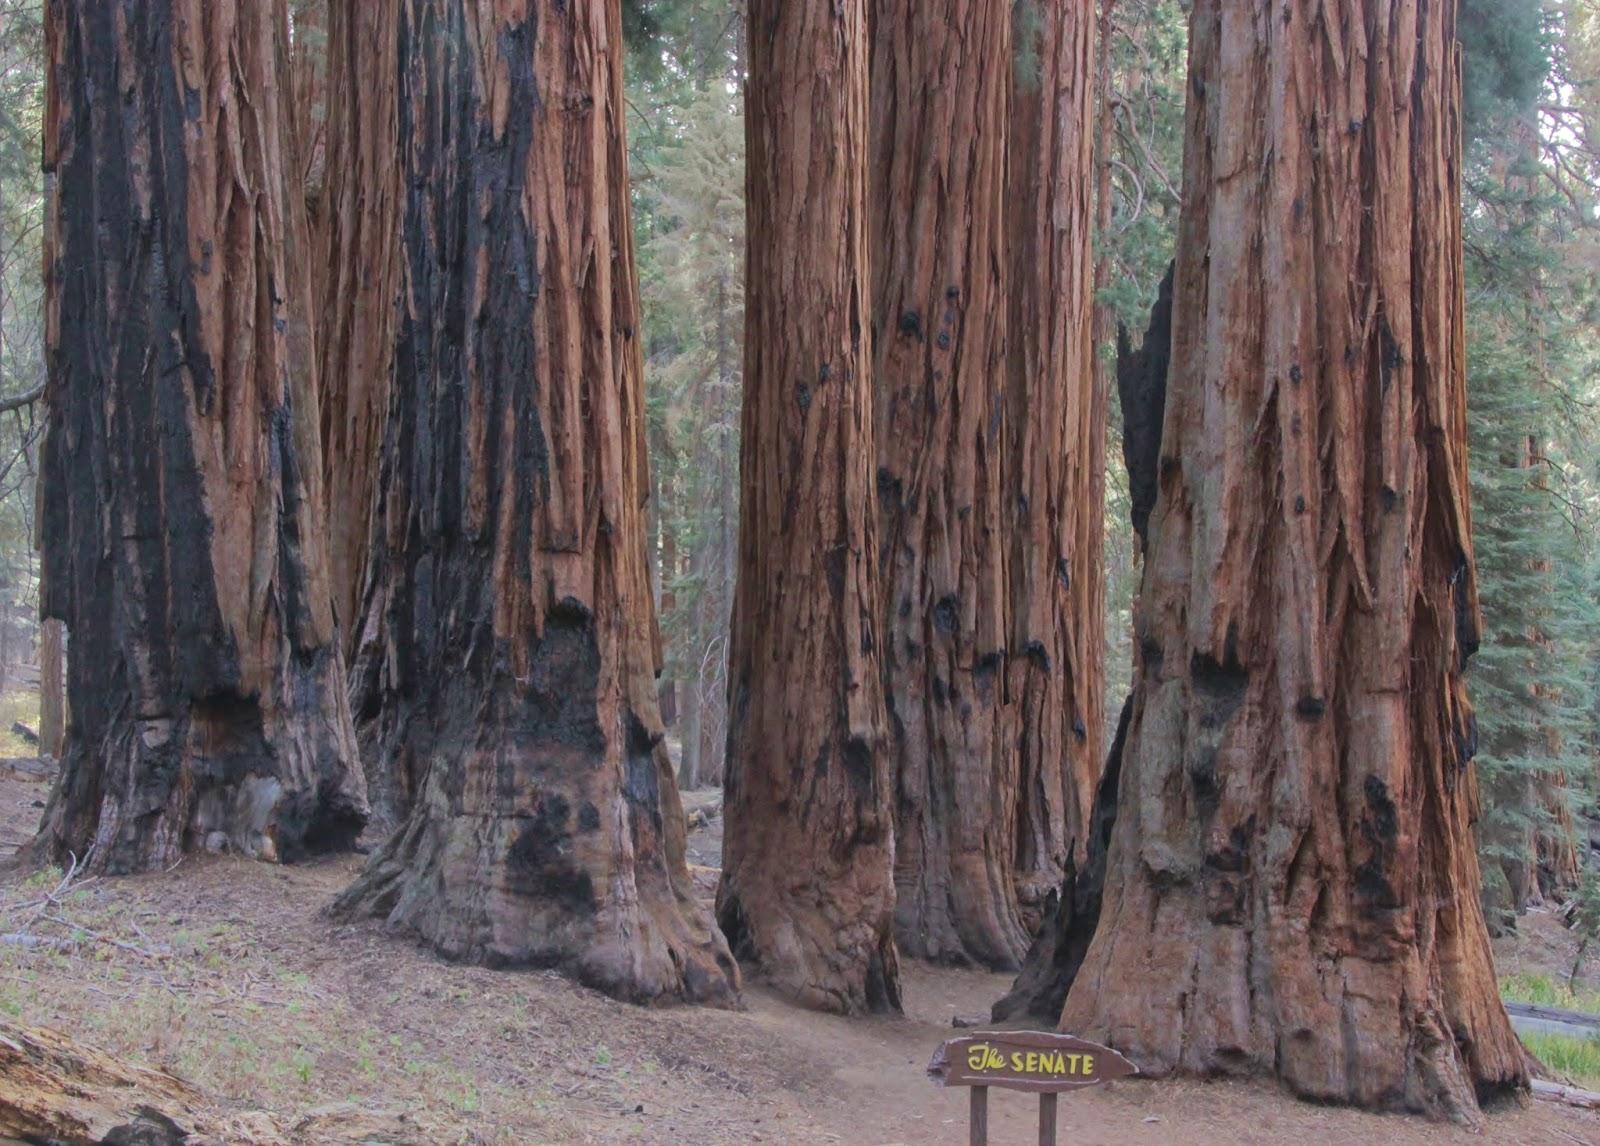 The Senate Giant Sequoia Trees